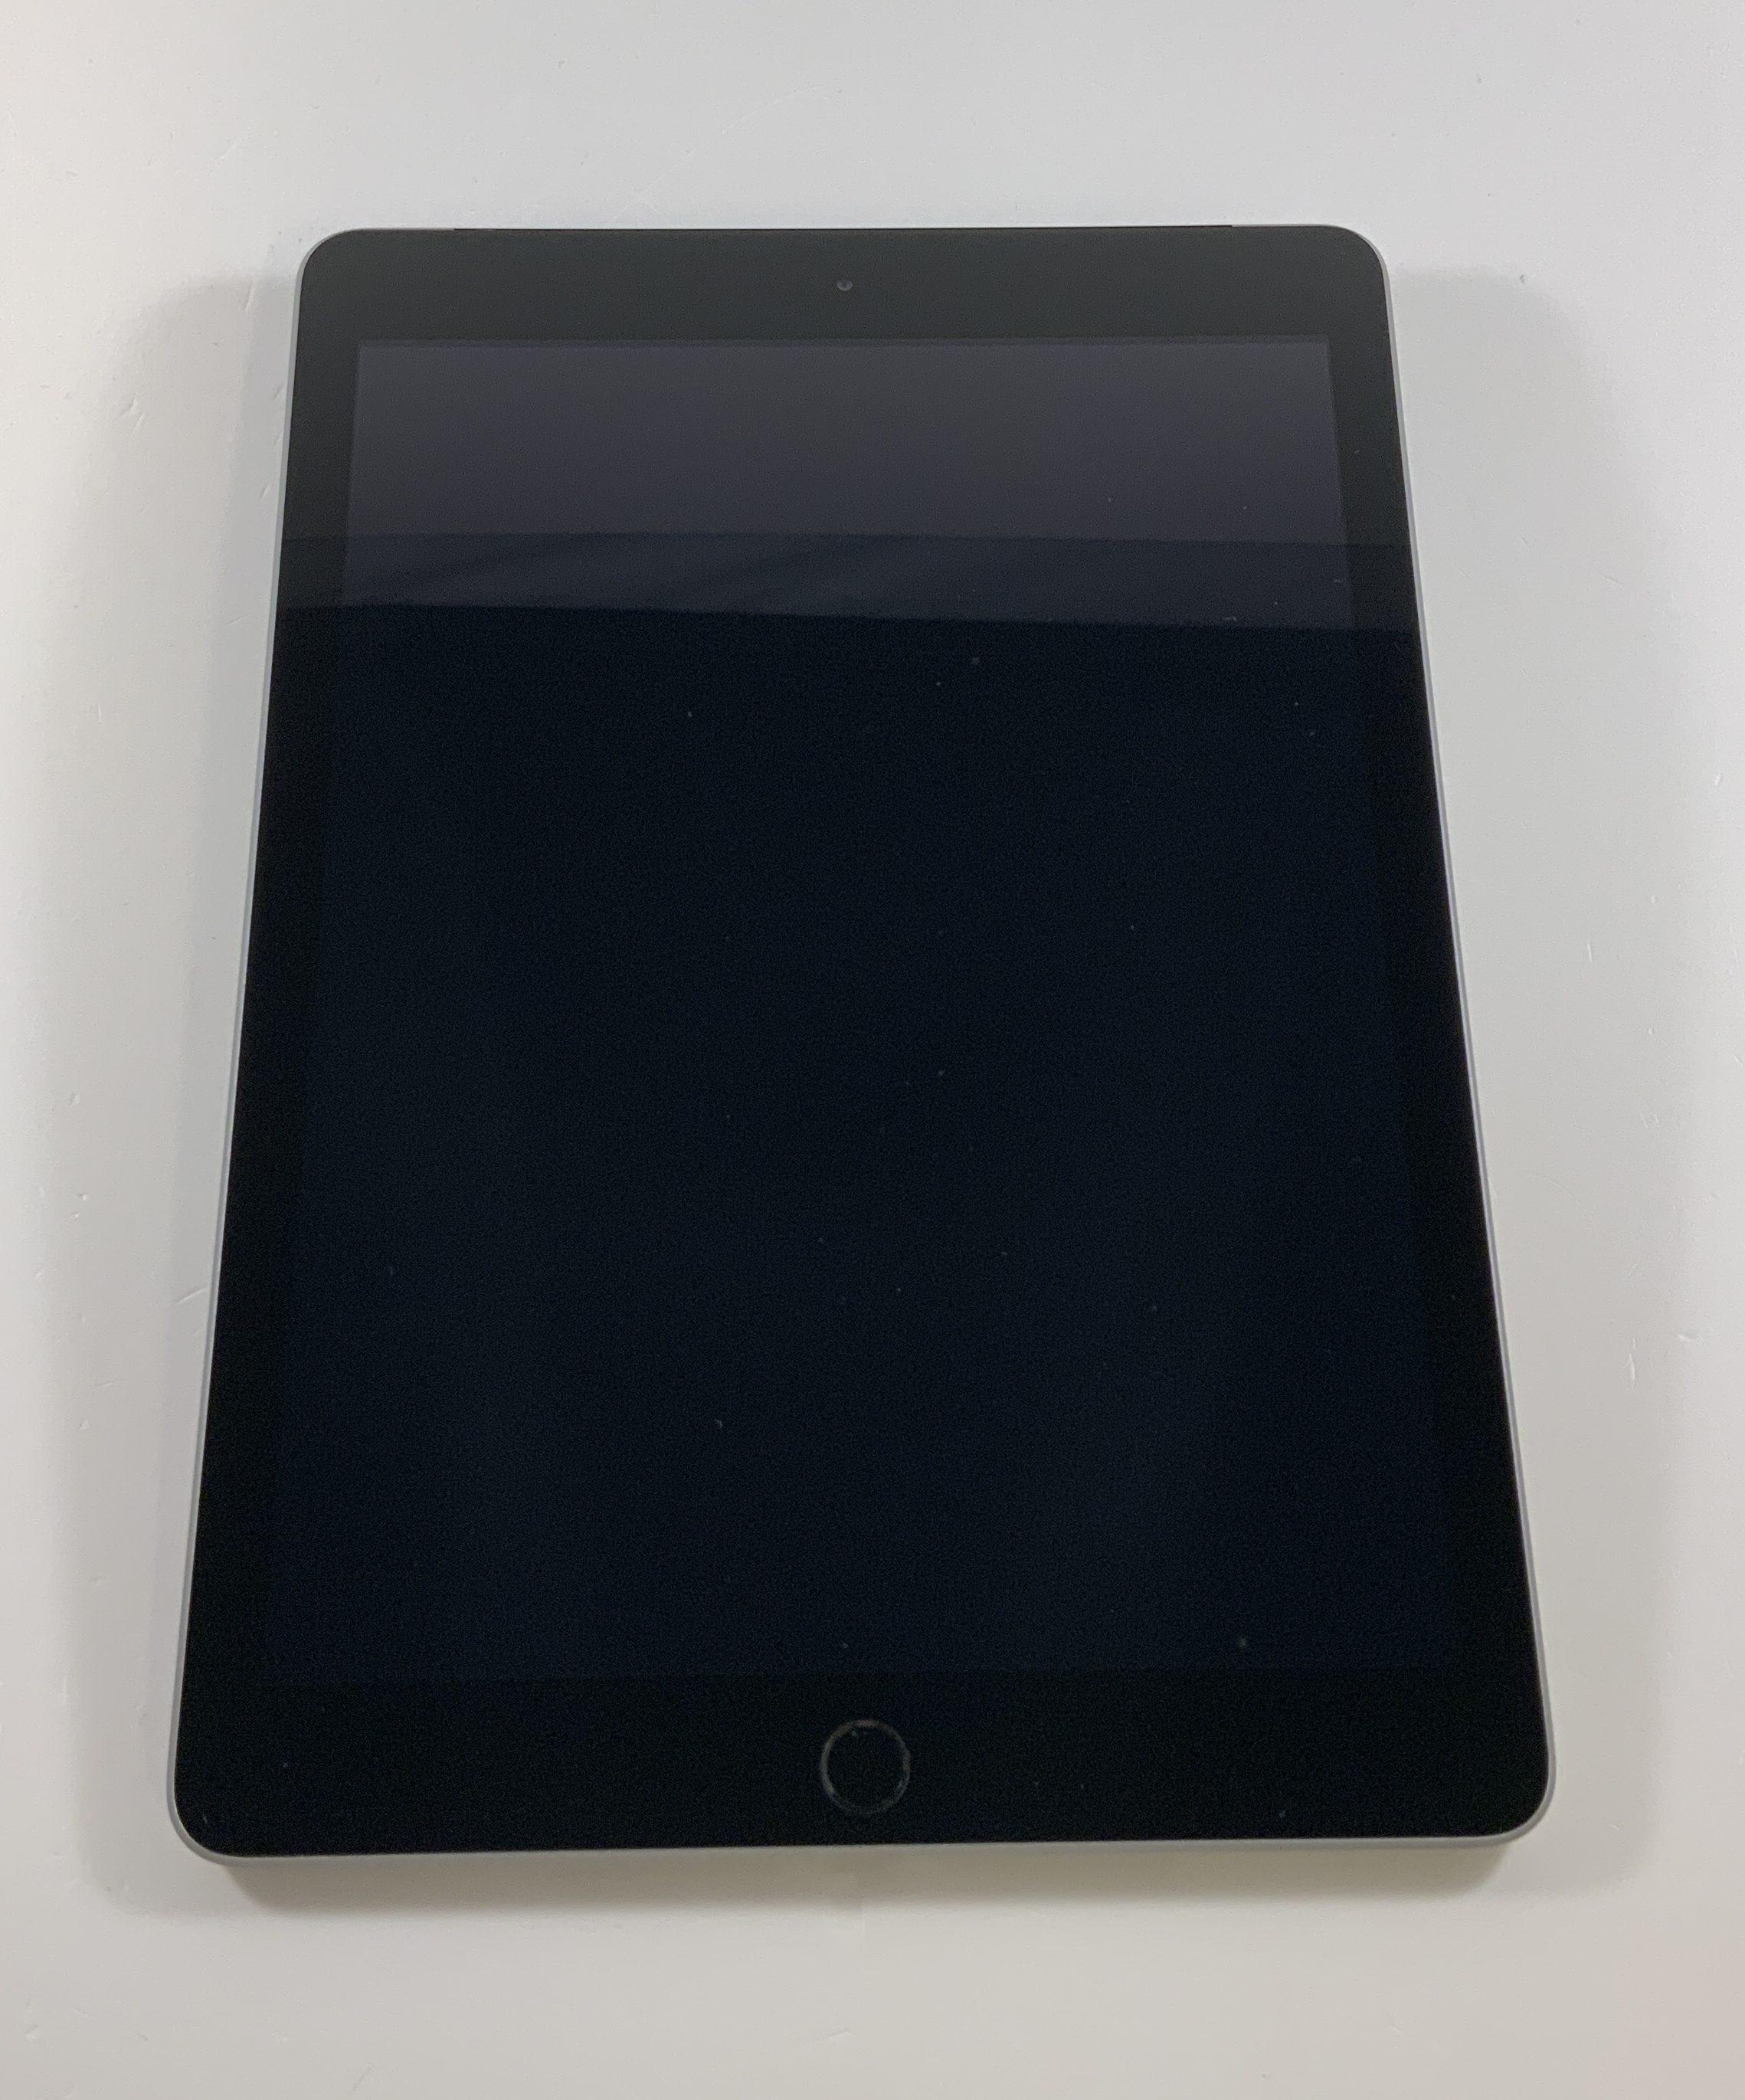 iPad 5 Wi-Fi + Cellular 128GB, 128GB, Space Gray, Afbeelding 1